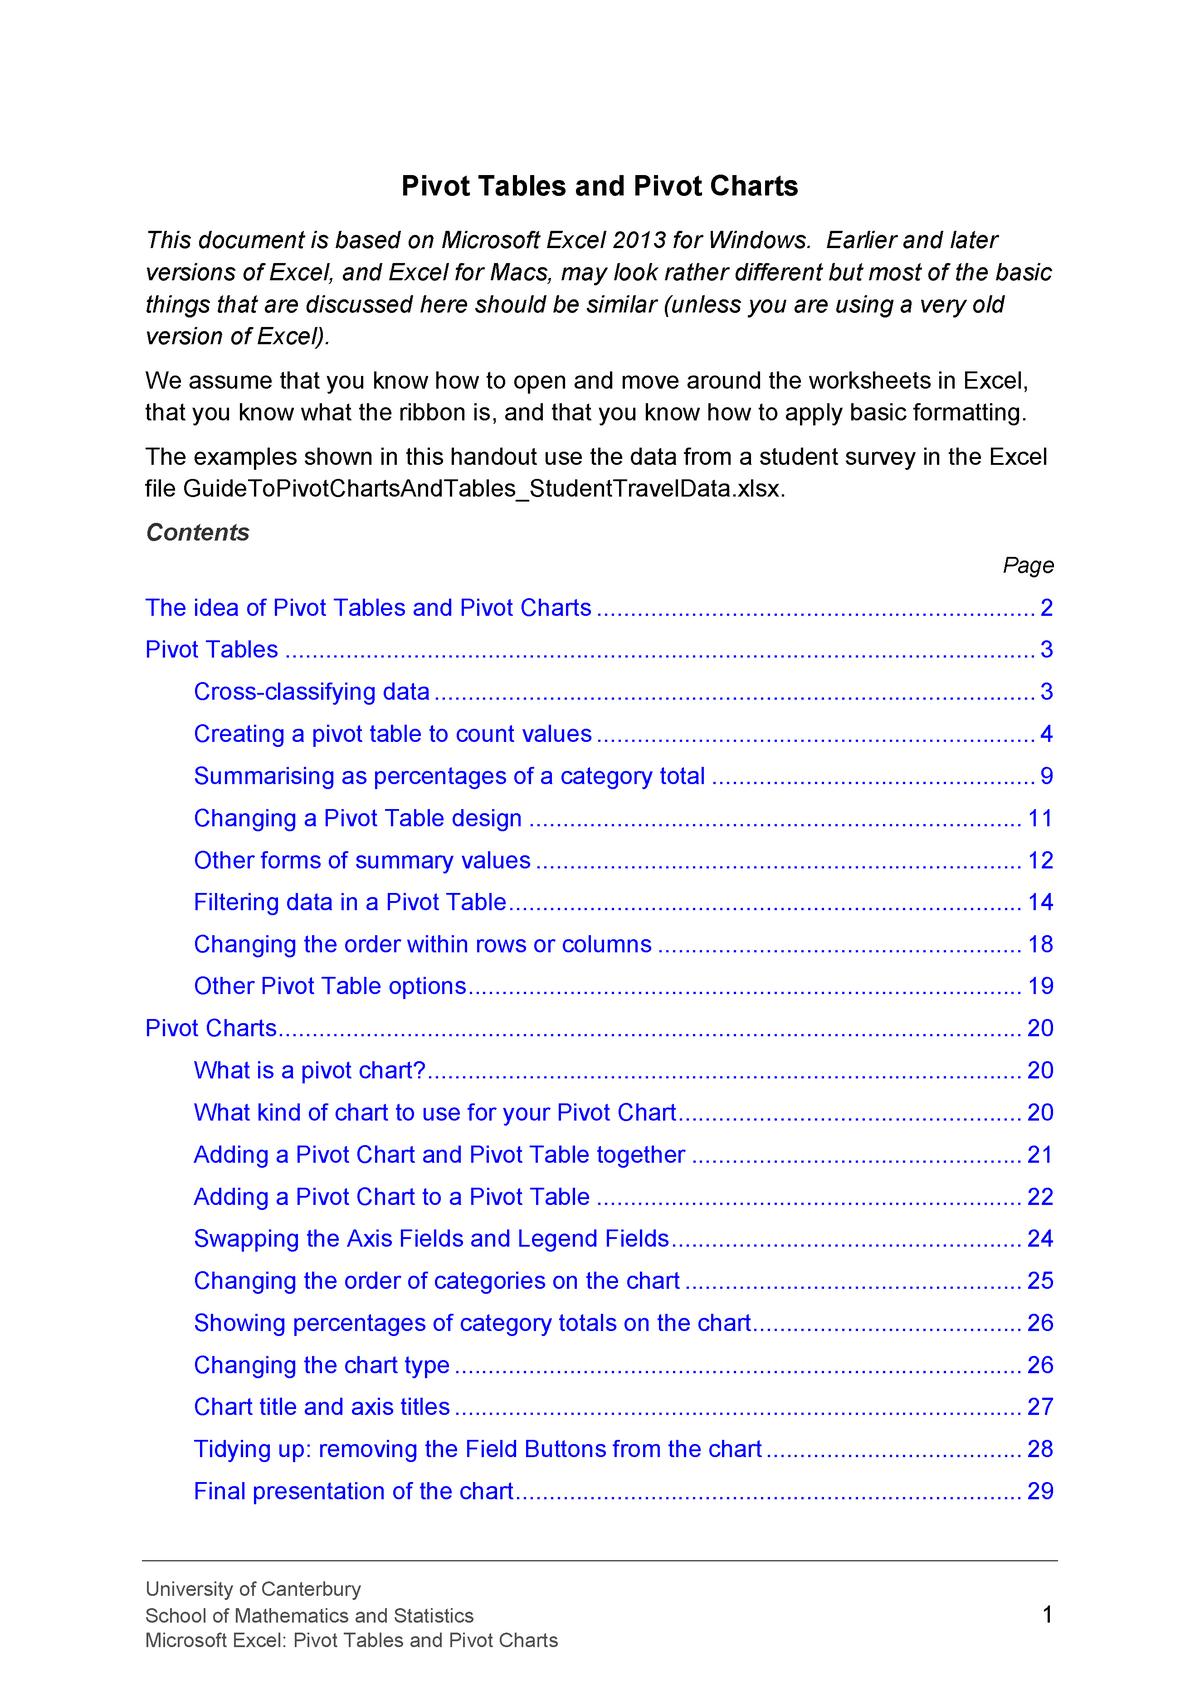 Excel Handout Pivot Tables And Pivot Charts 2013 - STAT101 - StuDocu